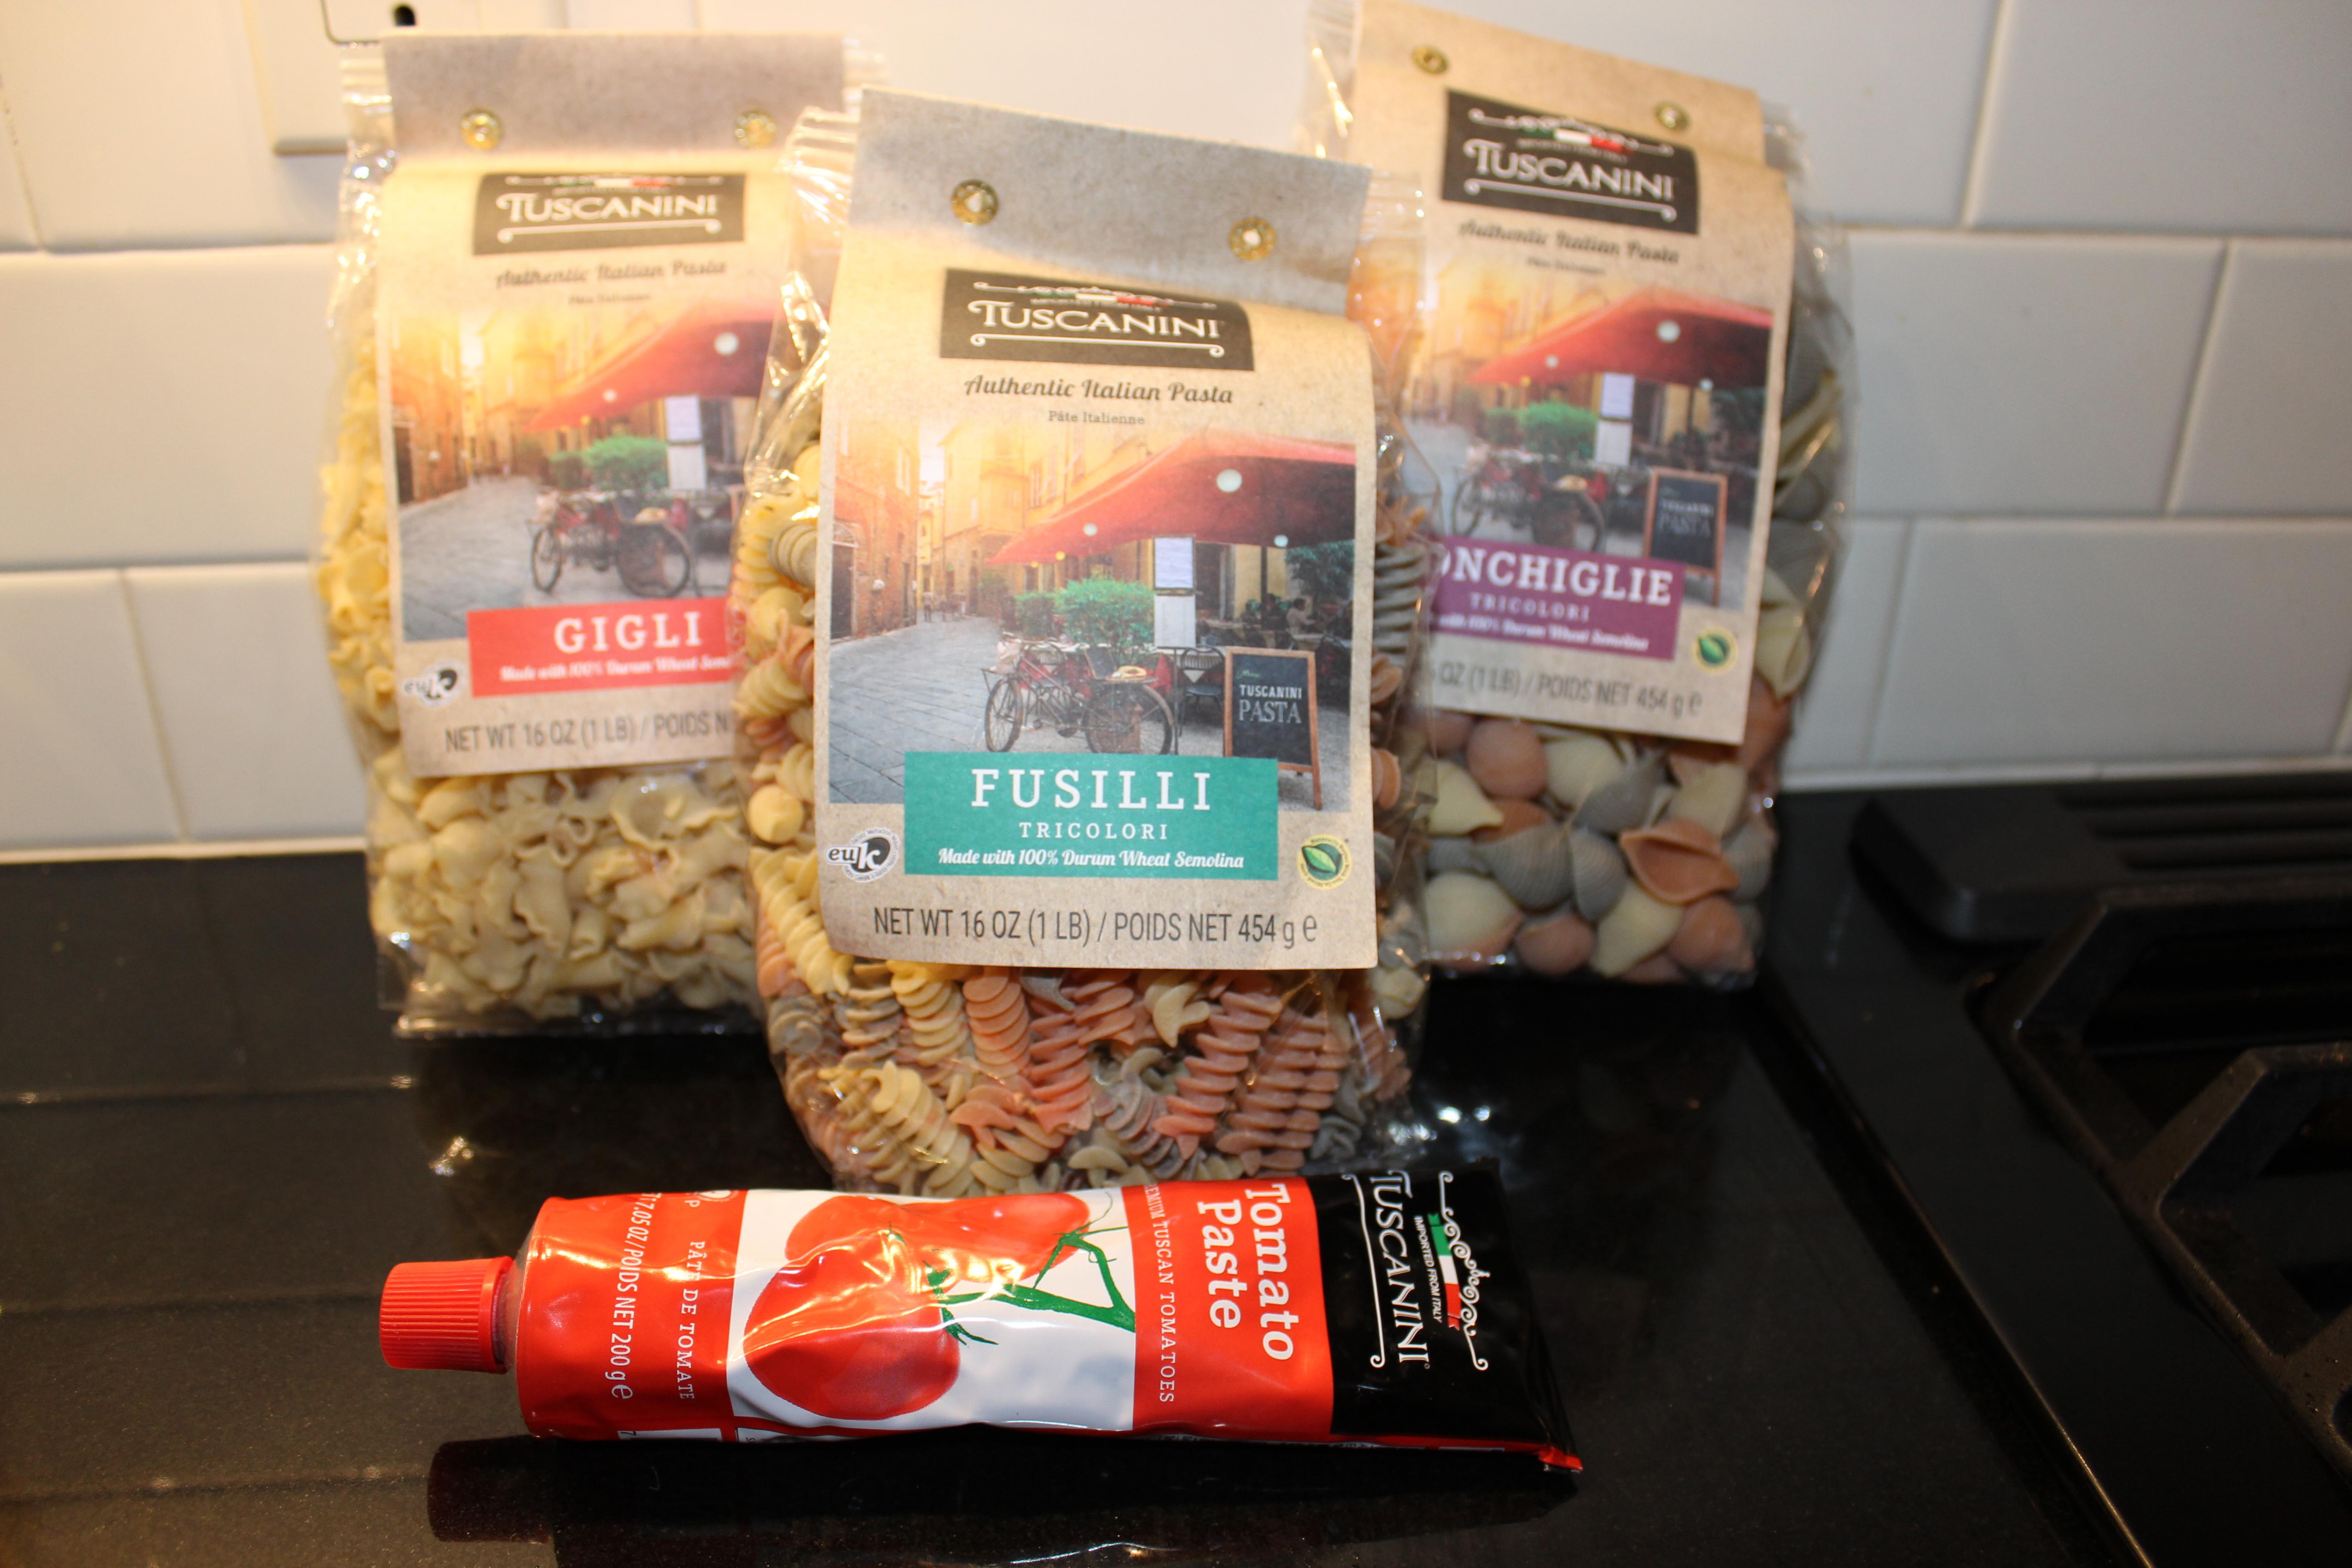 Tuscanini Foods